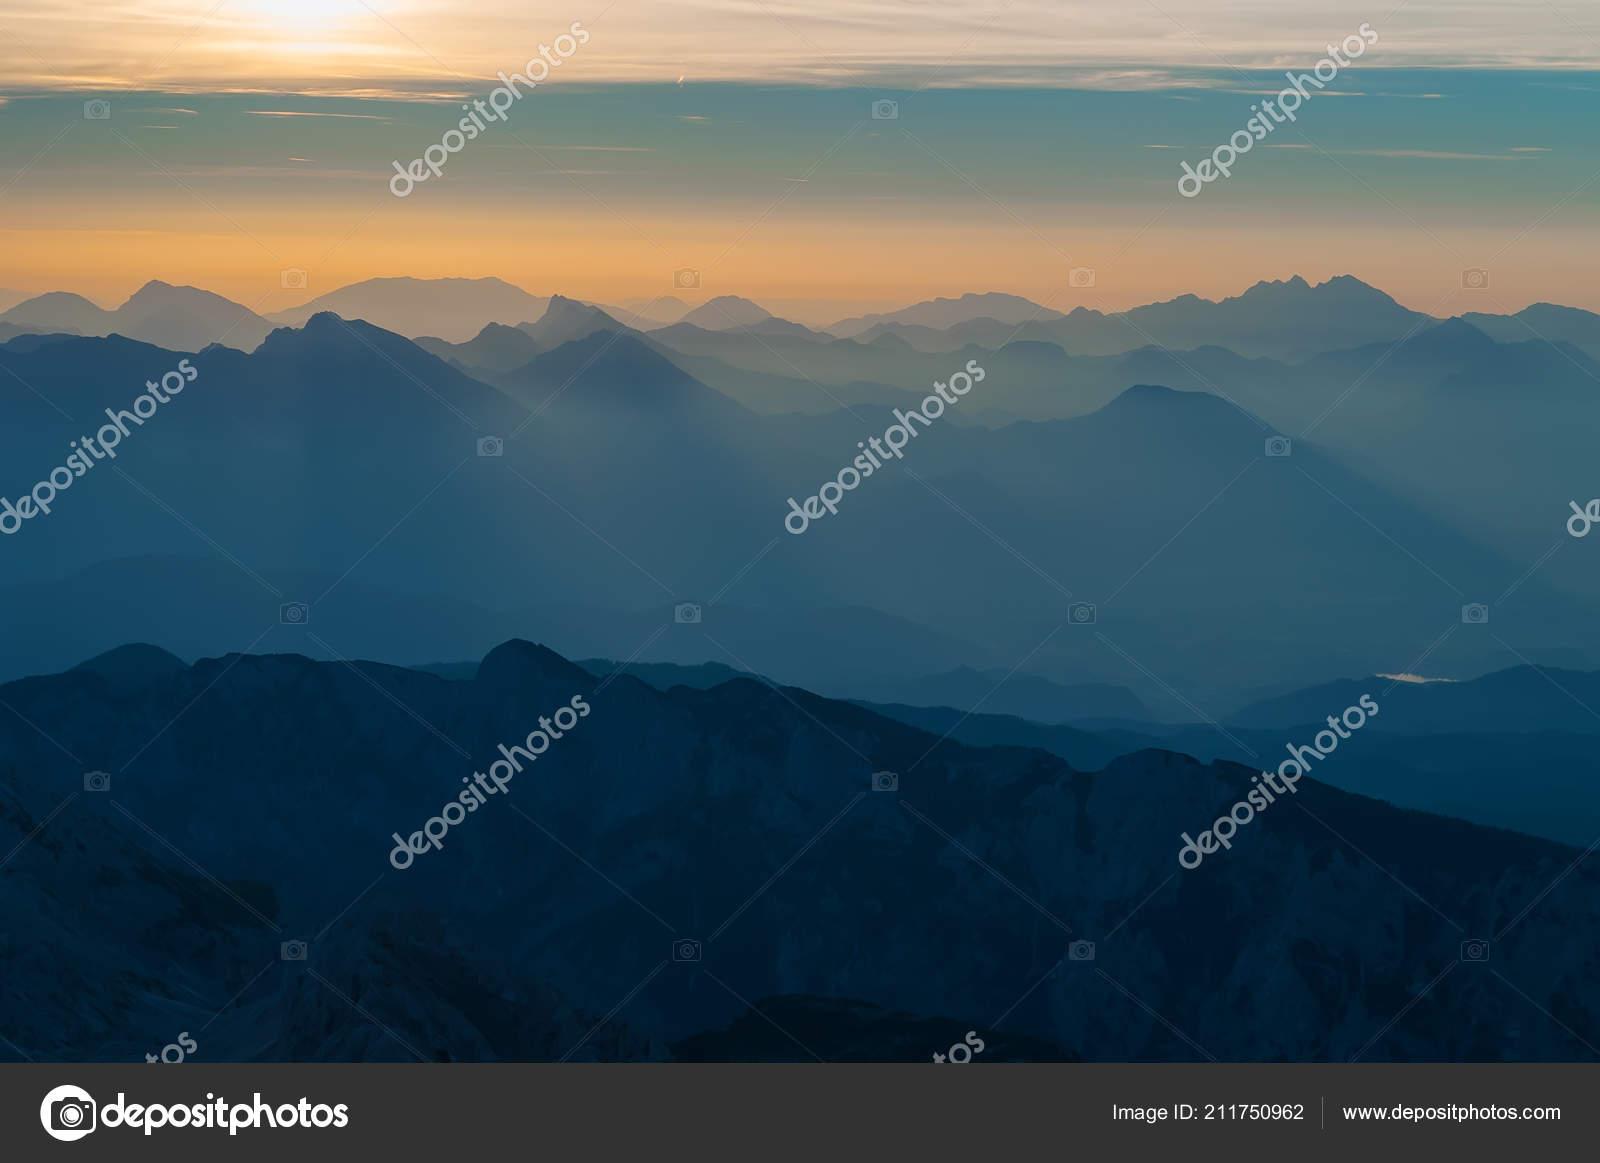 Couches De Chaînes De Montagnes Et De Collines Au Lever Du Soleil En